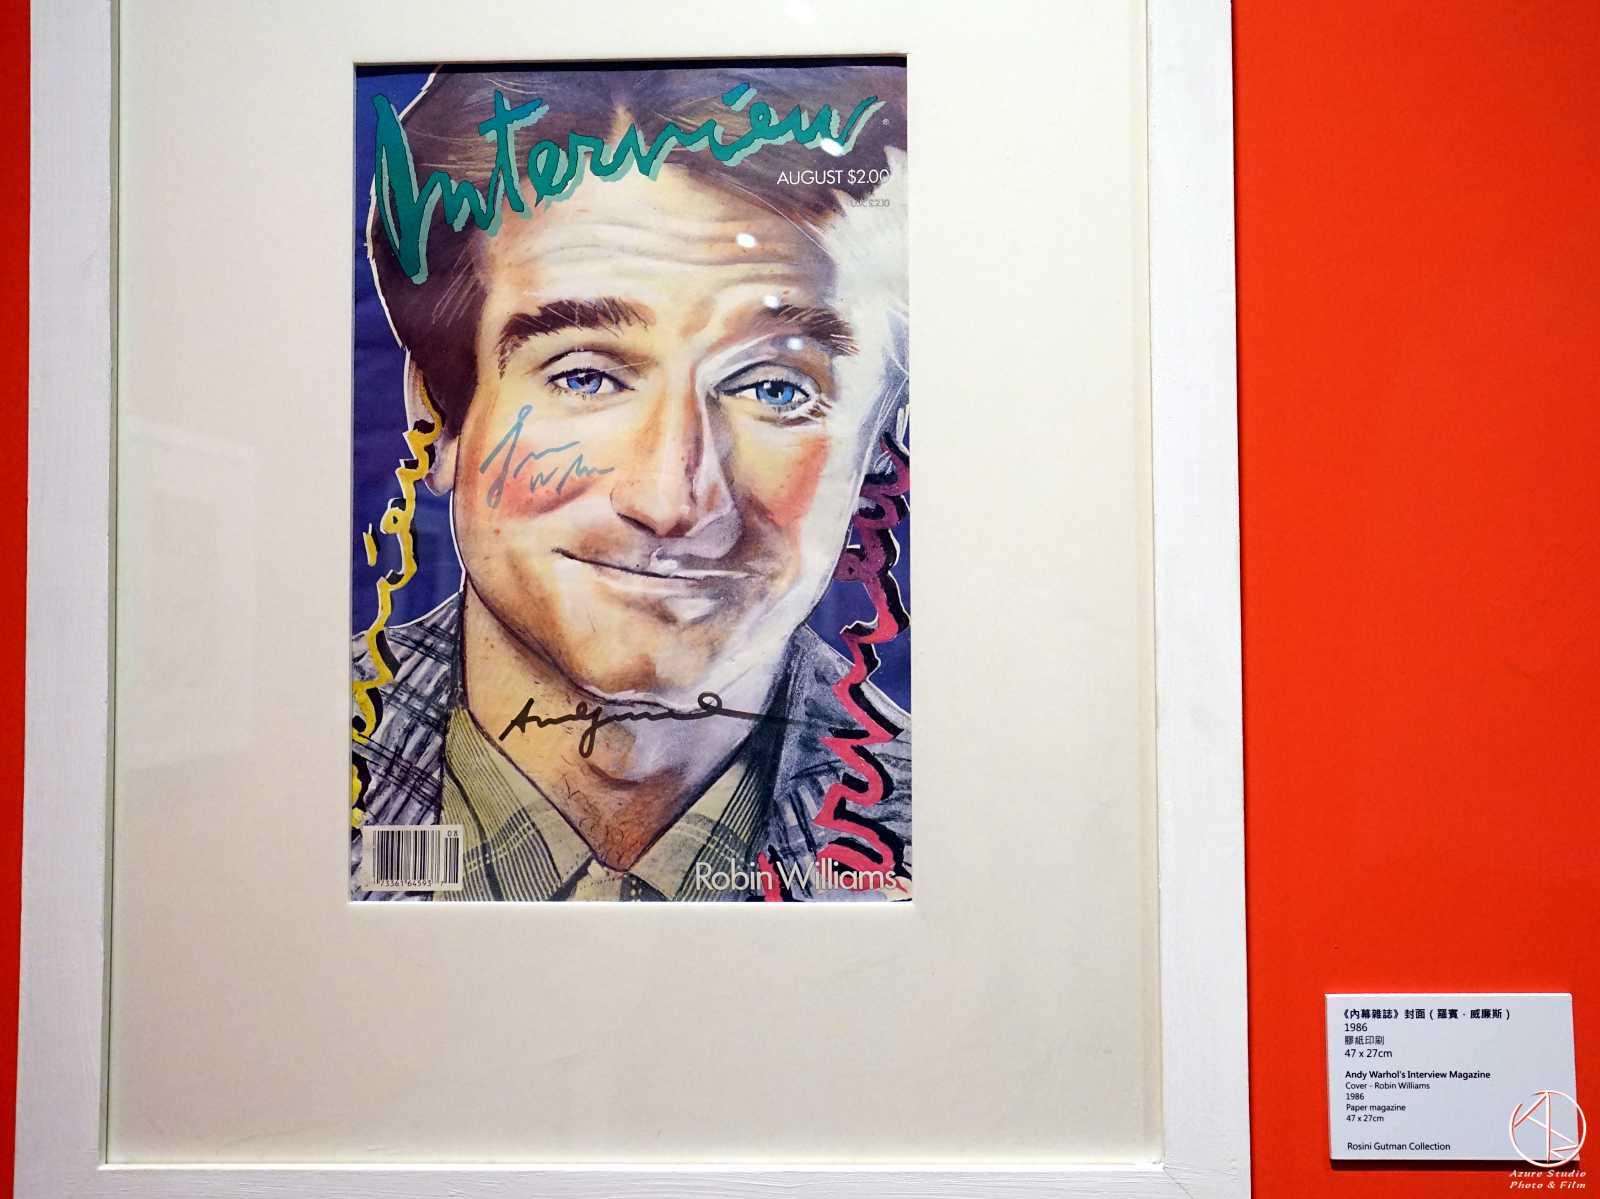 安迪沃荷普普狂想特展,看展心得,必看重點,羅賓威廉斯,內幕雜誌封面創作